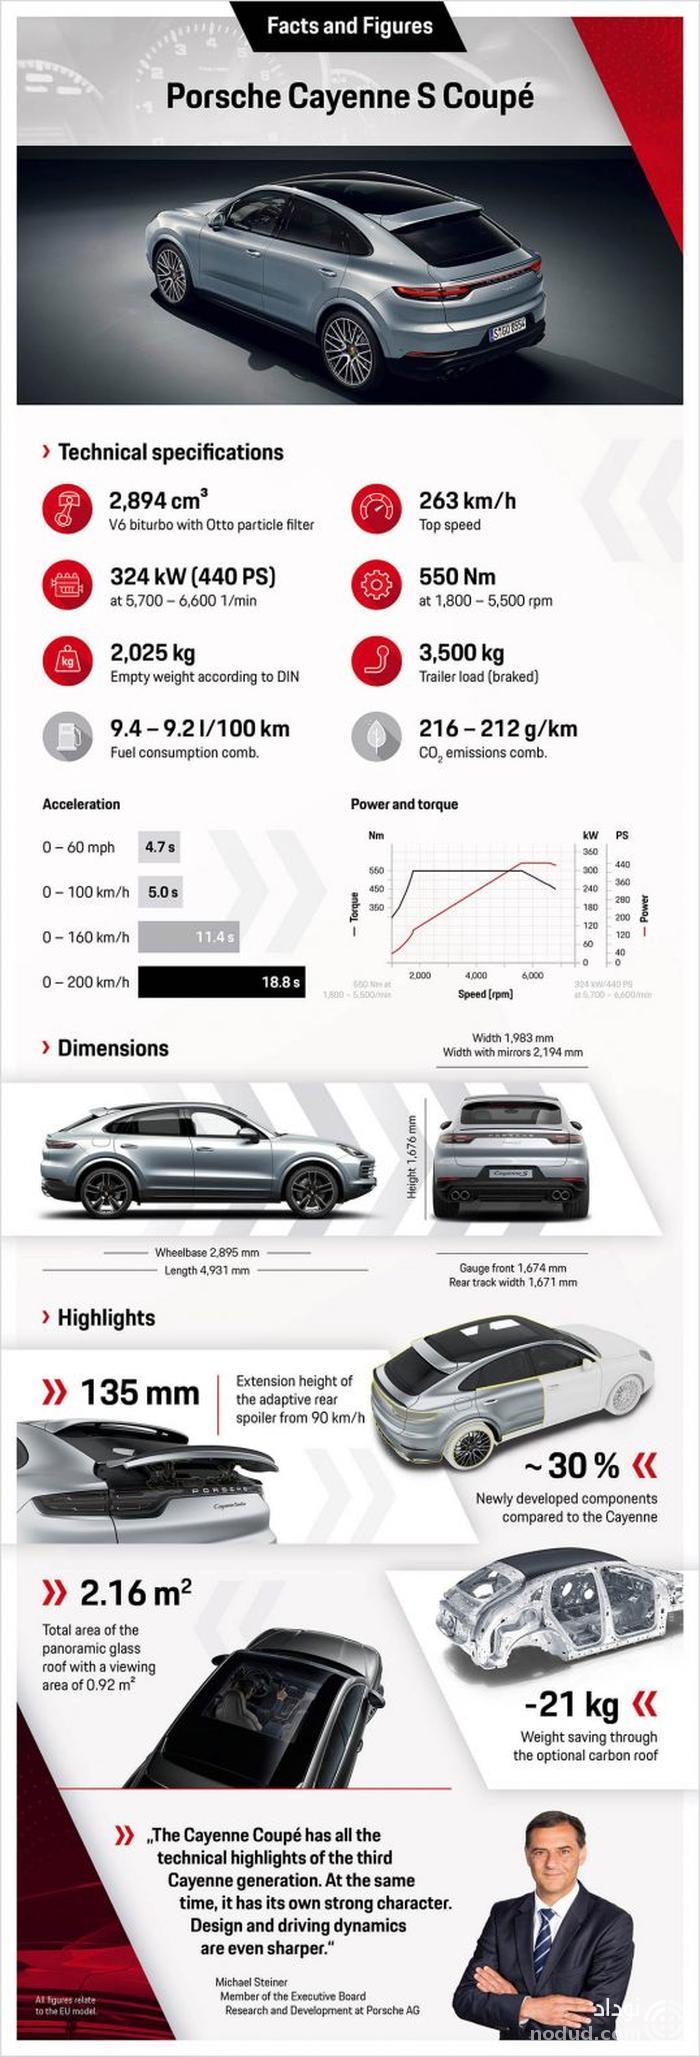 پورشه کاین S کوپه 2020 با قدرت می آید!